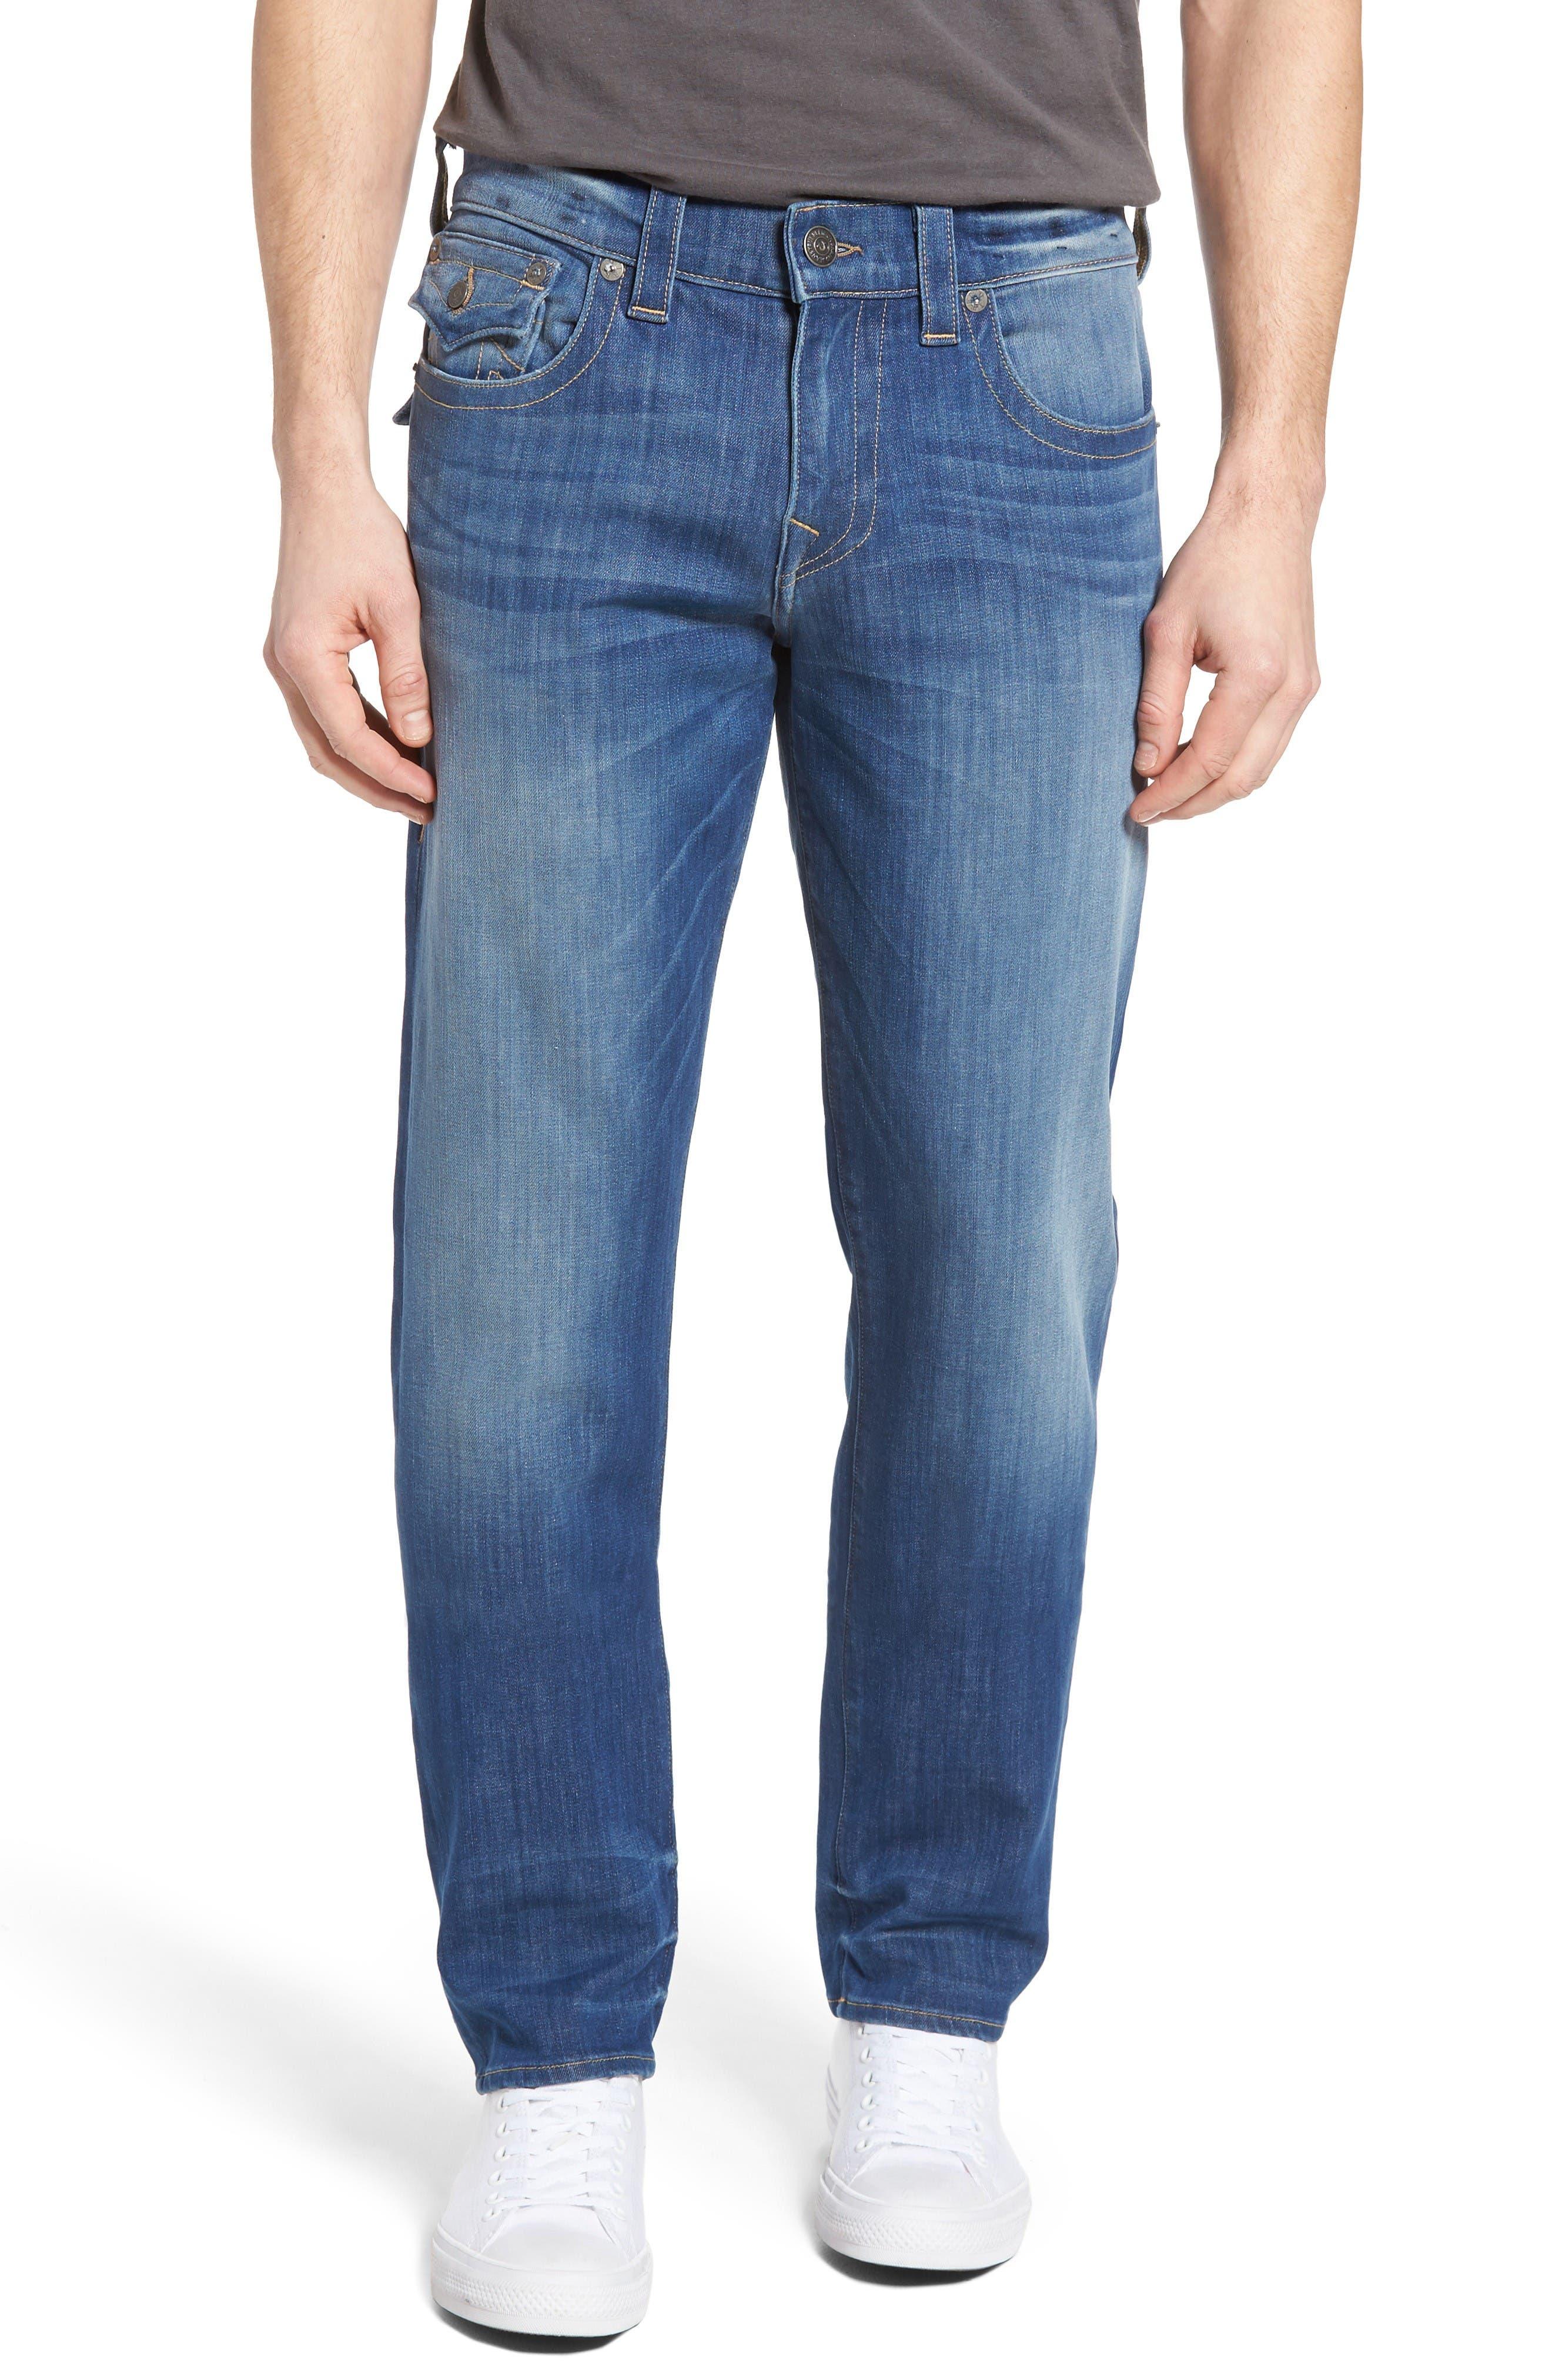 Geno Straight Leg Jeans,                         Main,                         color, Sun Faded